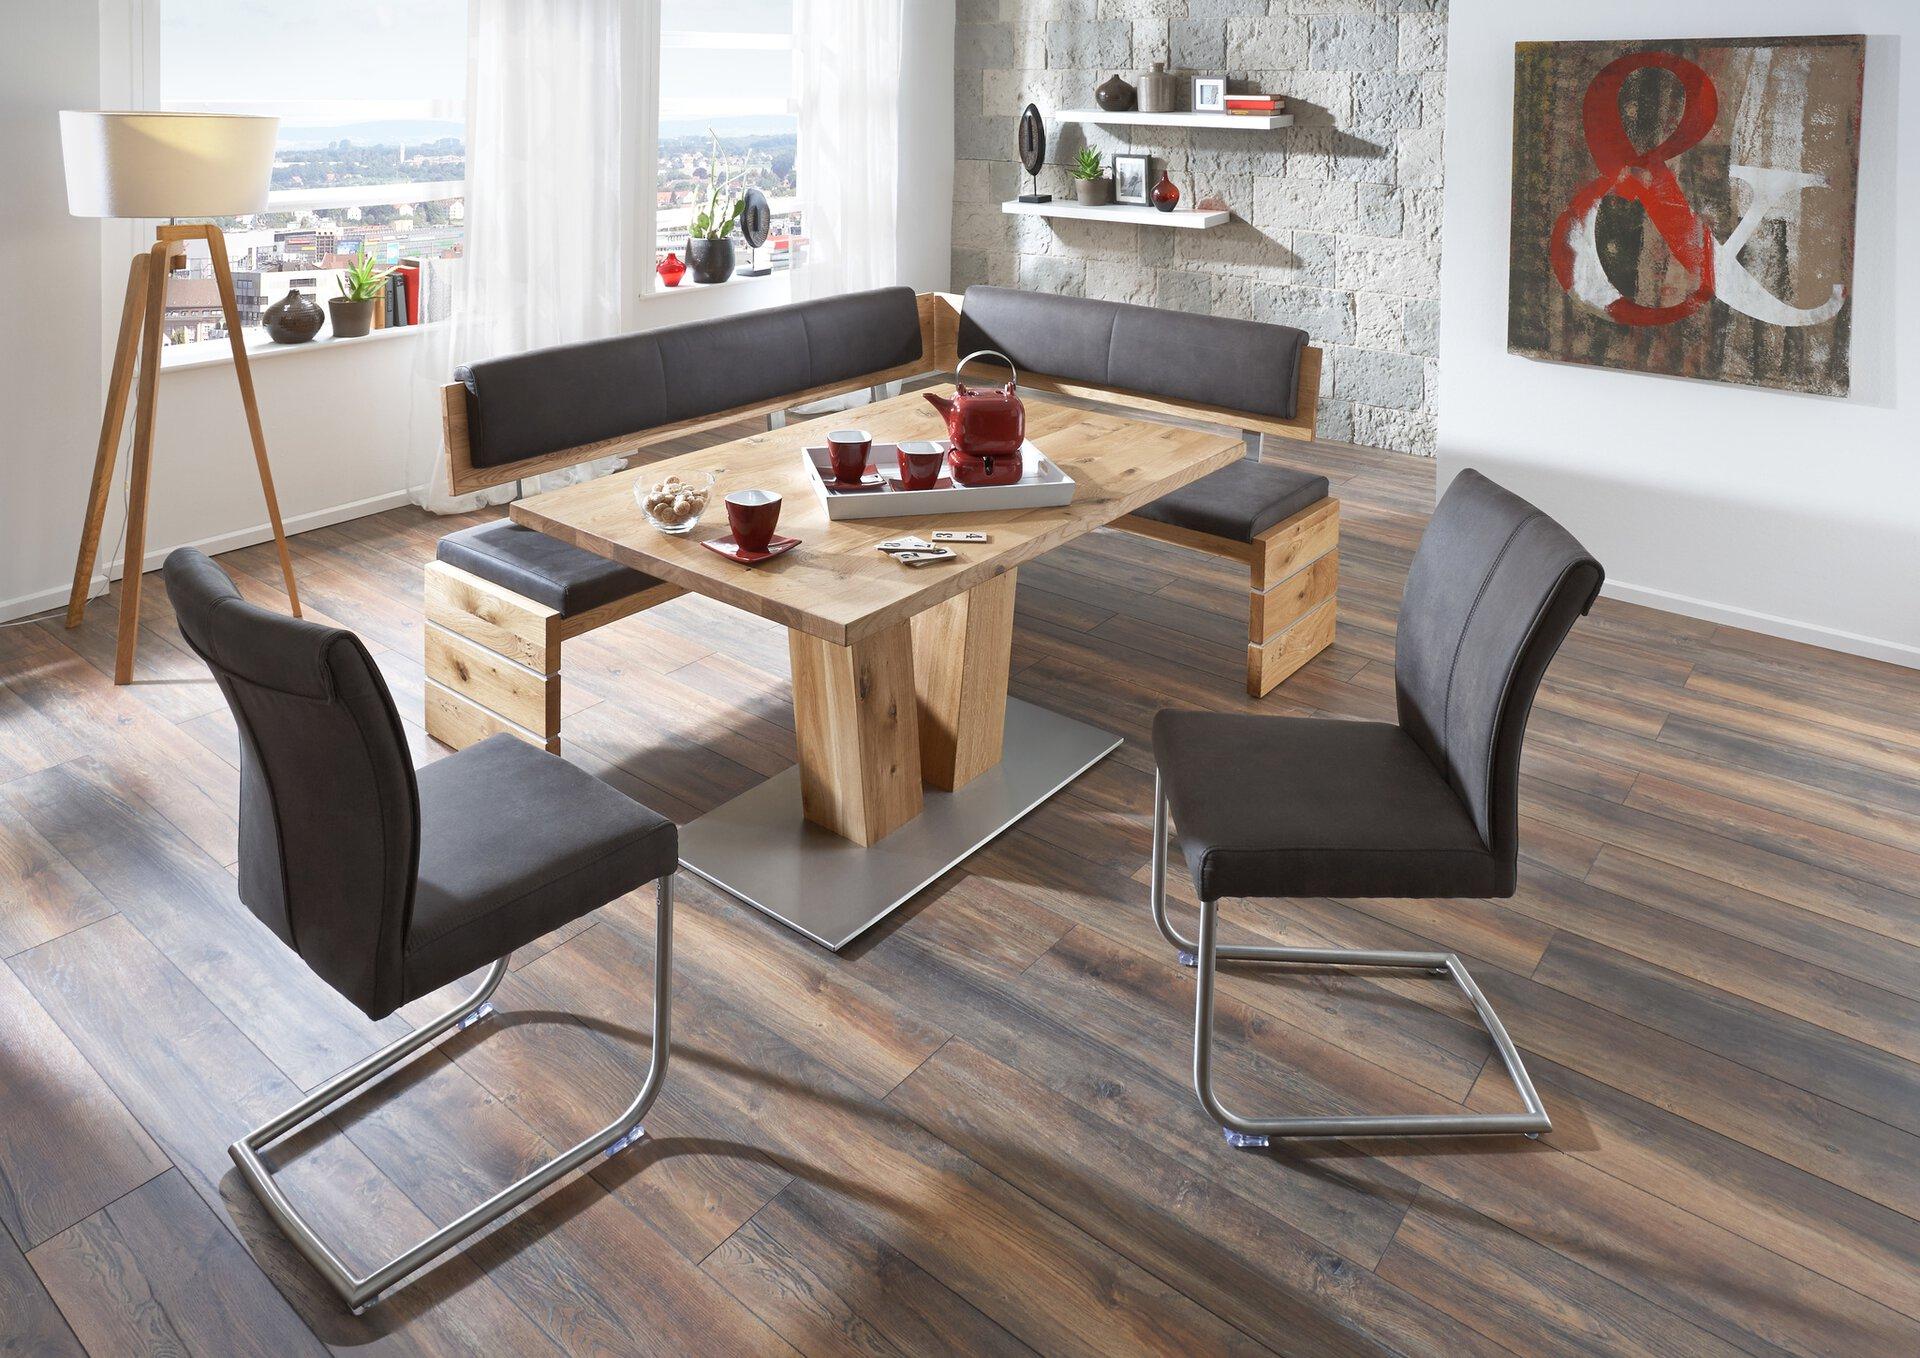 Esstisch 4363-79-053 Niehoff Sitzmöbel Holz